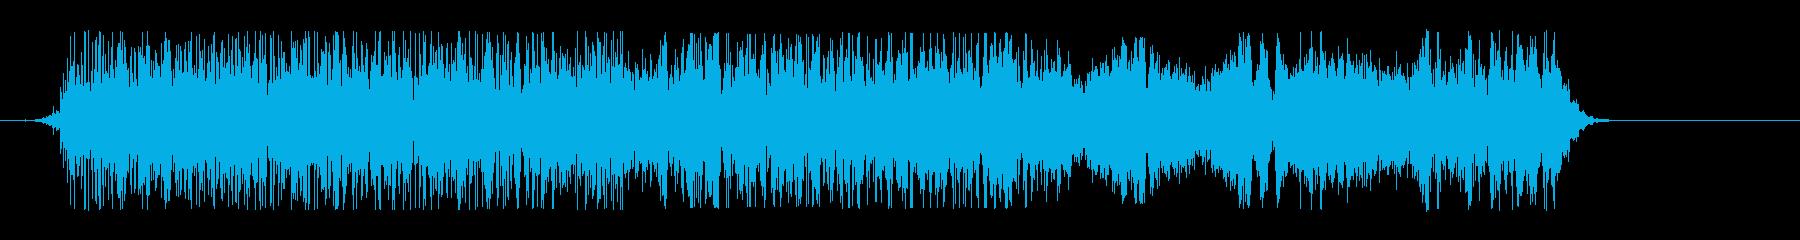 和風掛け声_コンビネーション3_Dryの再生済みの波形